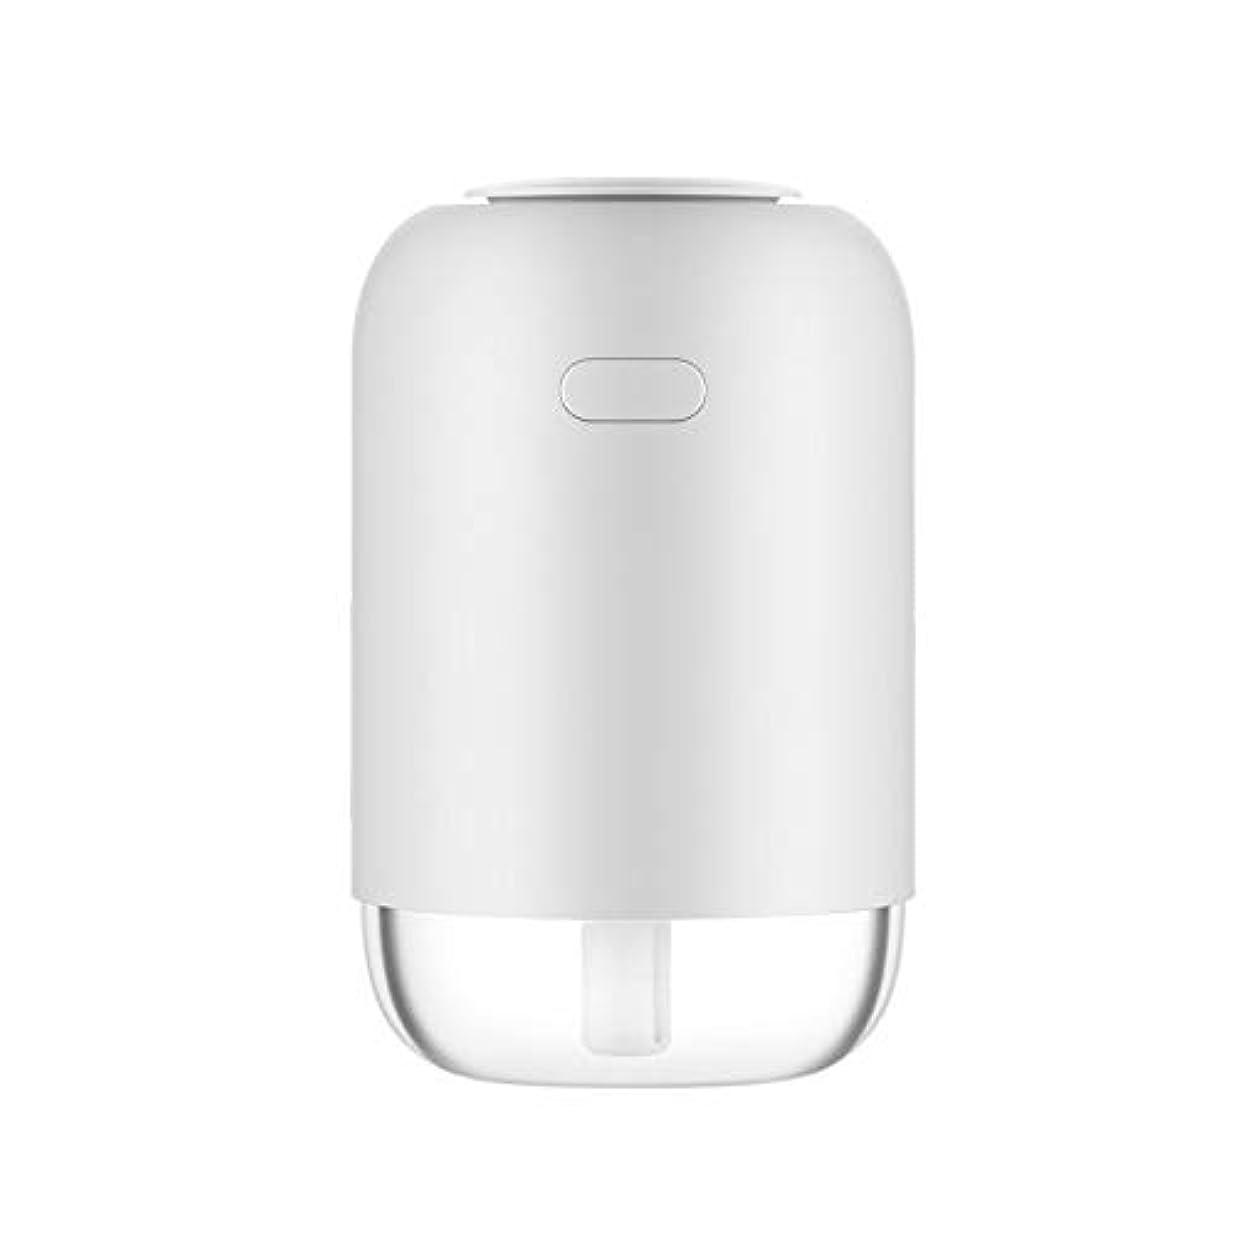 マキシム収益返還フェイスケア 美容器 TJK USB加湿器 卓上USB加湿器 車載加湿器 ペットボトル型 300ML容量 アロマディフューザー 補水美顔器 8-10時間 空焚き防止機能付き(ホワイト)